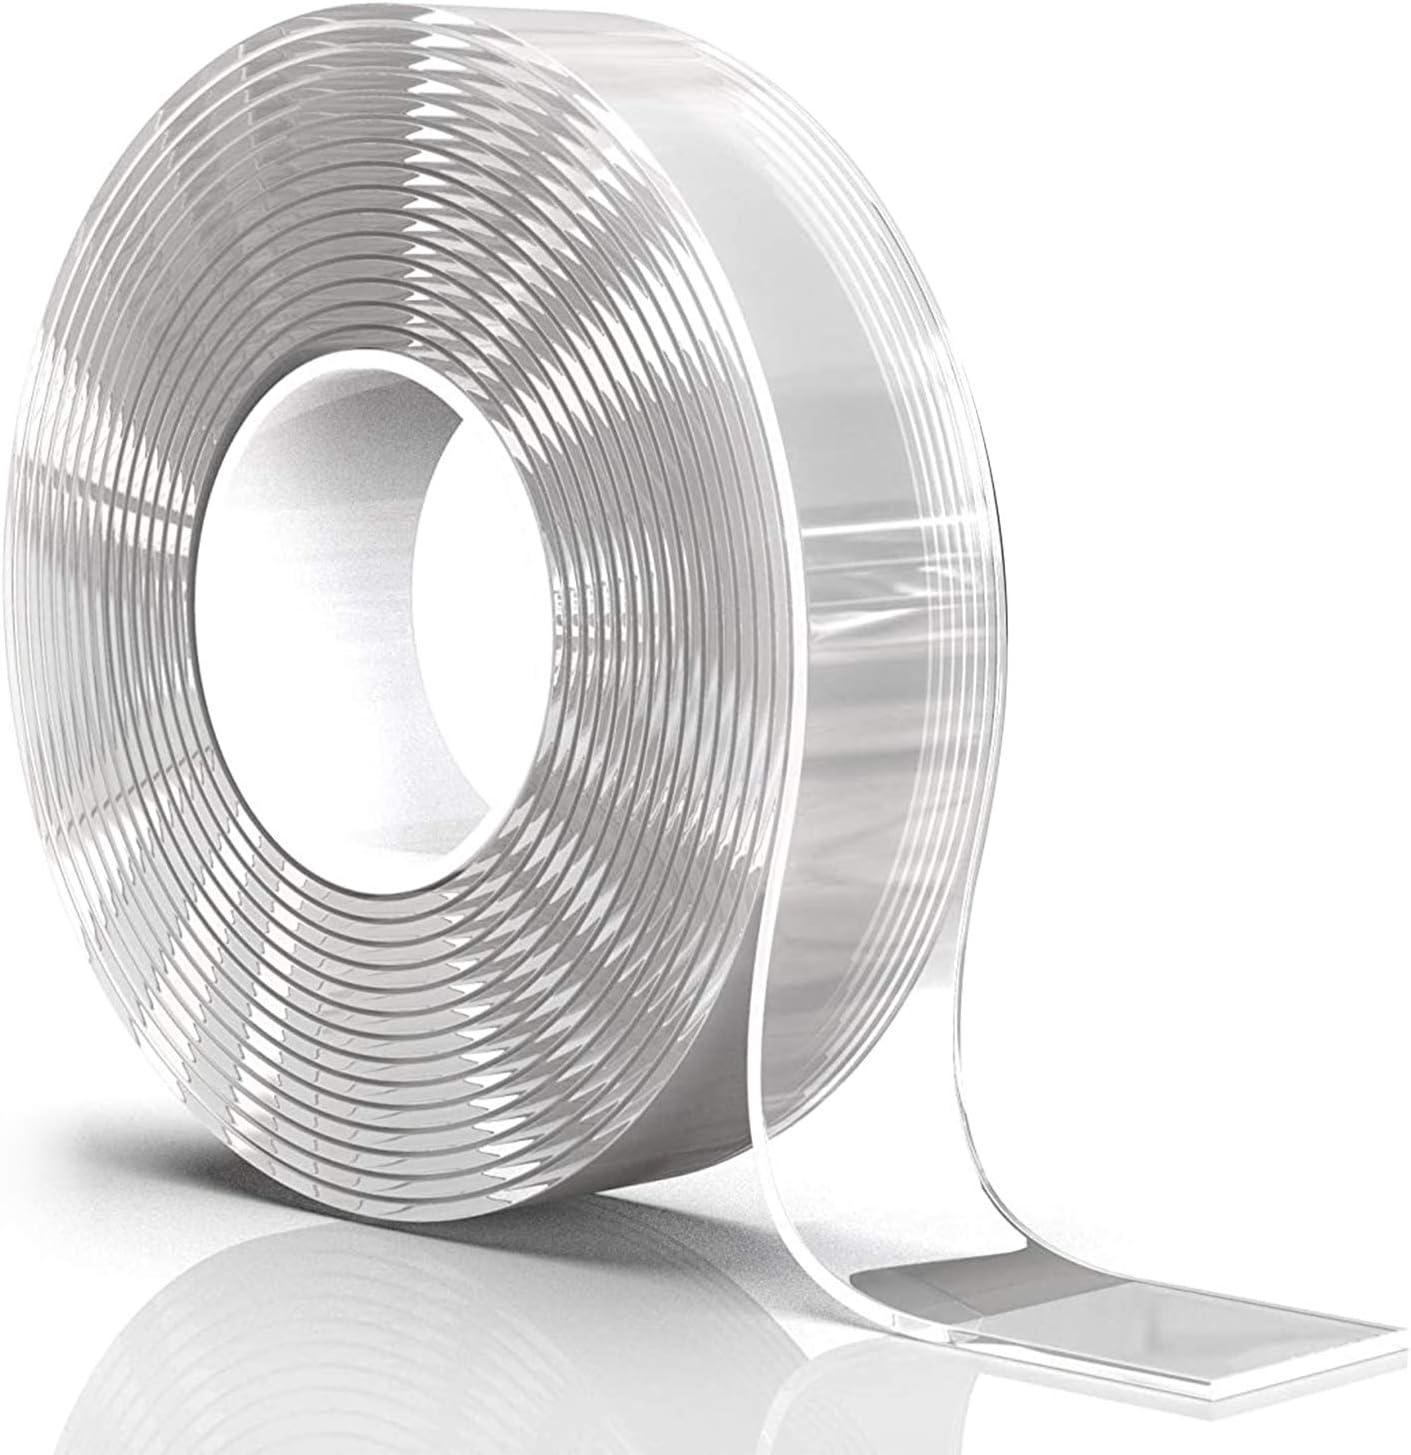 300 CM*40 MM Nano Klebeband,Doppelseitiges Klebeband Extra Stark Magisch Nano Doppelseitige Klebeb/änder Transparent Abl/ösbar Klebestreifen Doppelseitig Spurloses Waschbares Klebeband f/ür Teppich